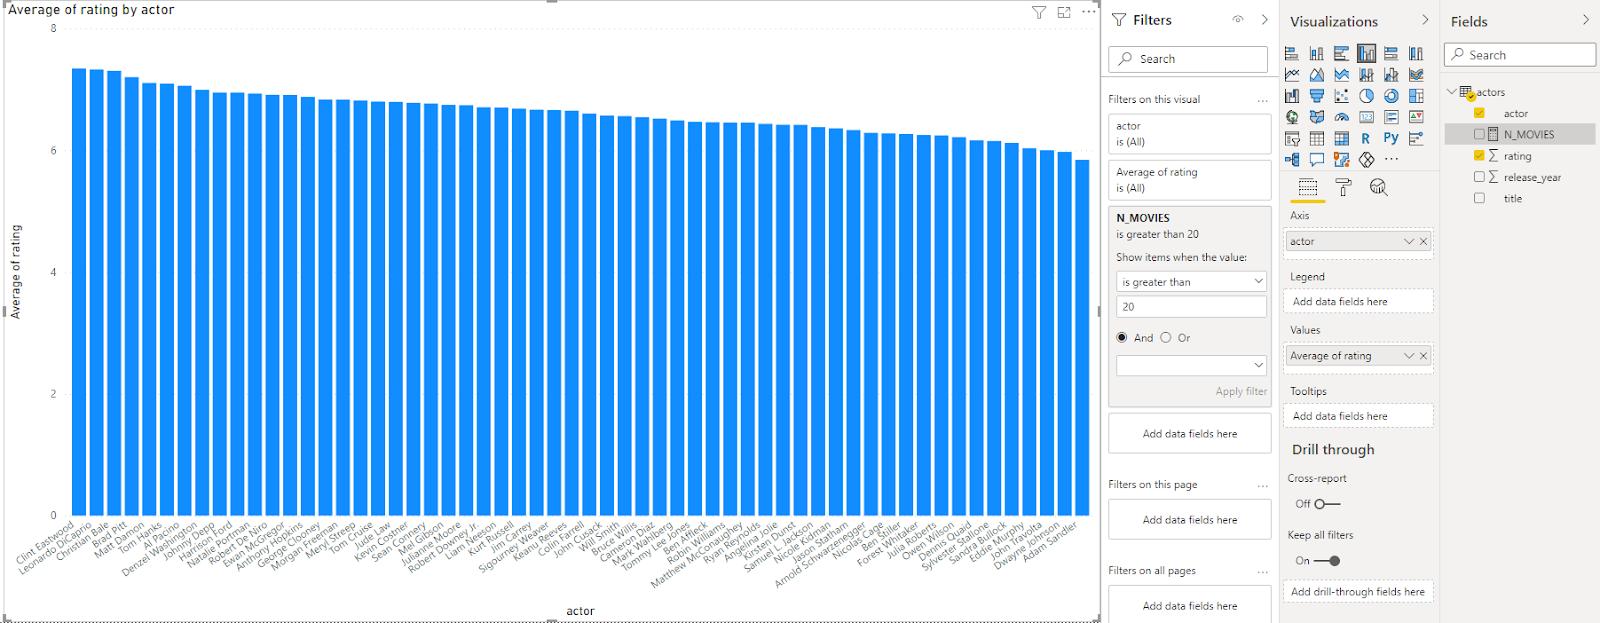 Average rating visualization